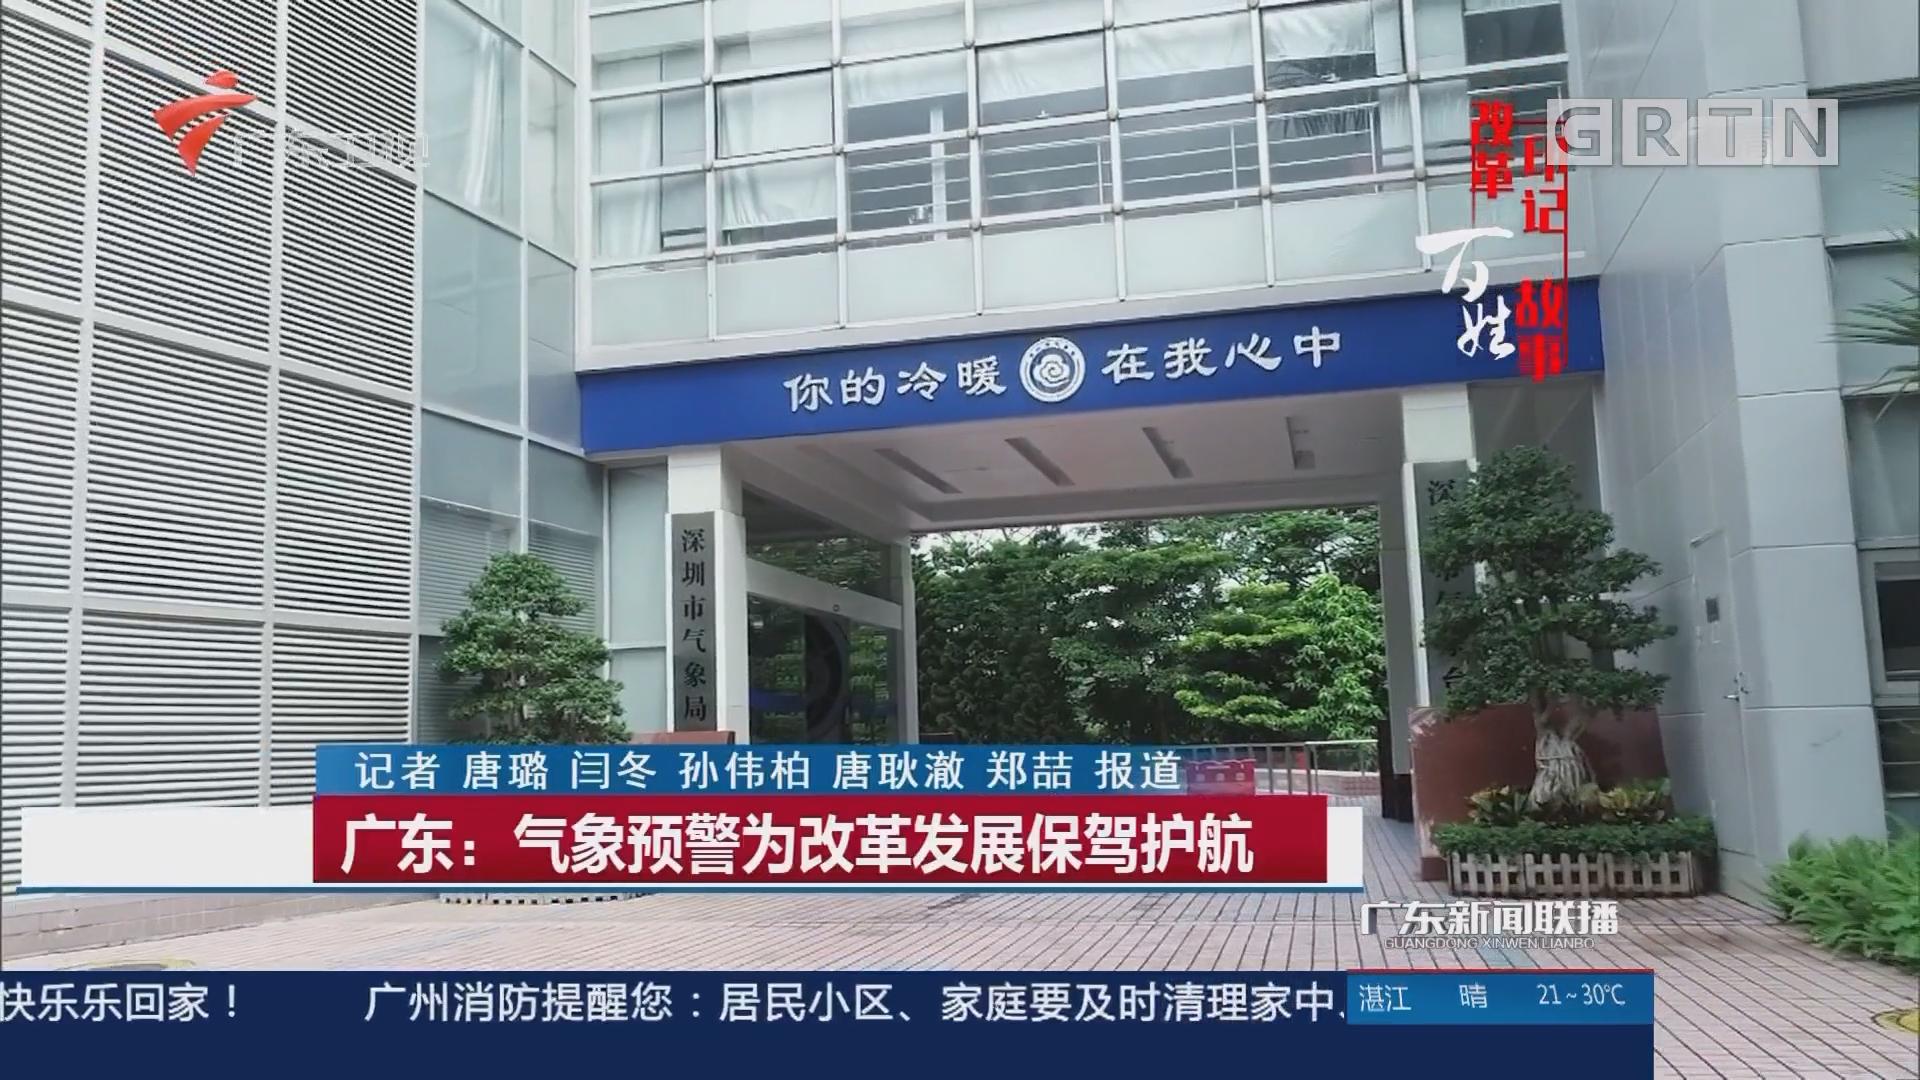 广东:气象预警为改革发展保驾护航